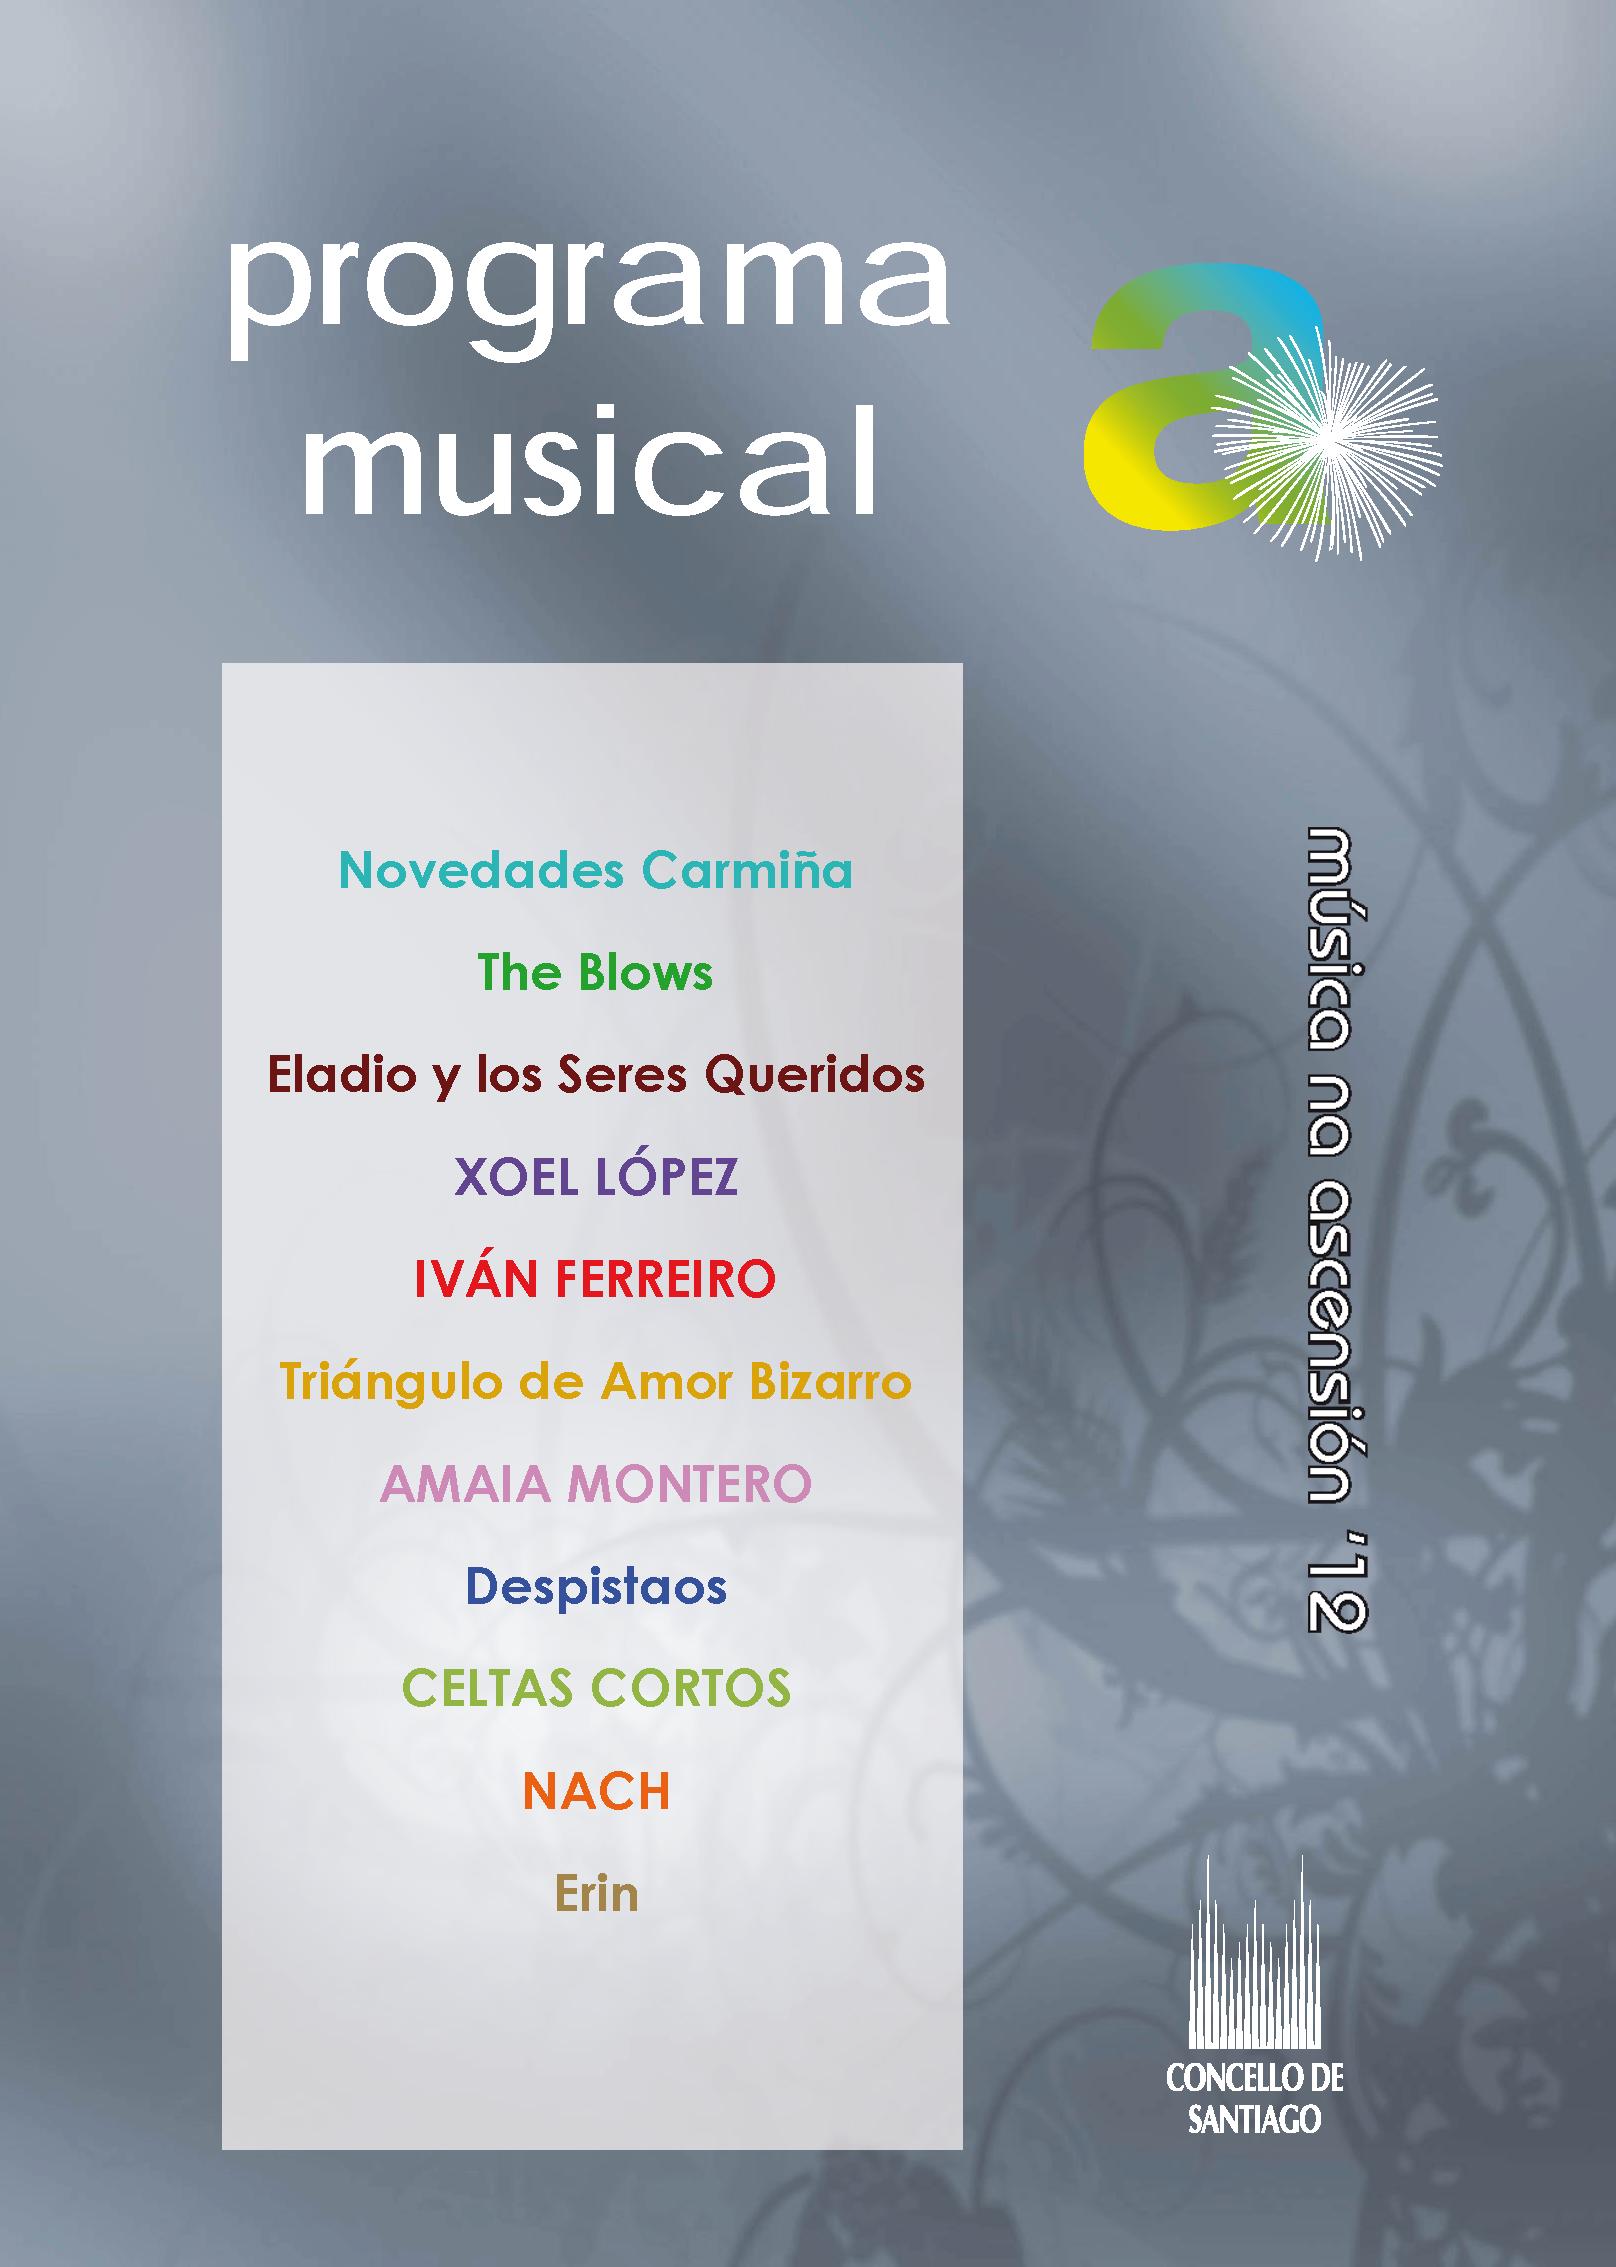 Festas da Ascensión 2012 (Santiago)